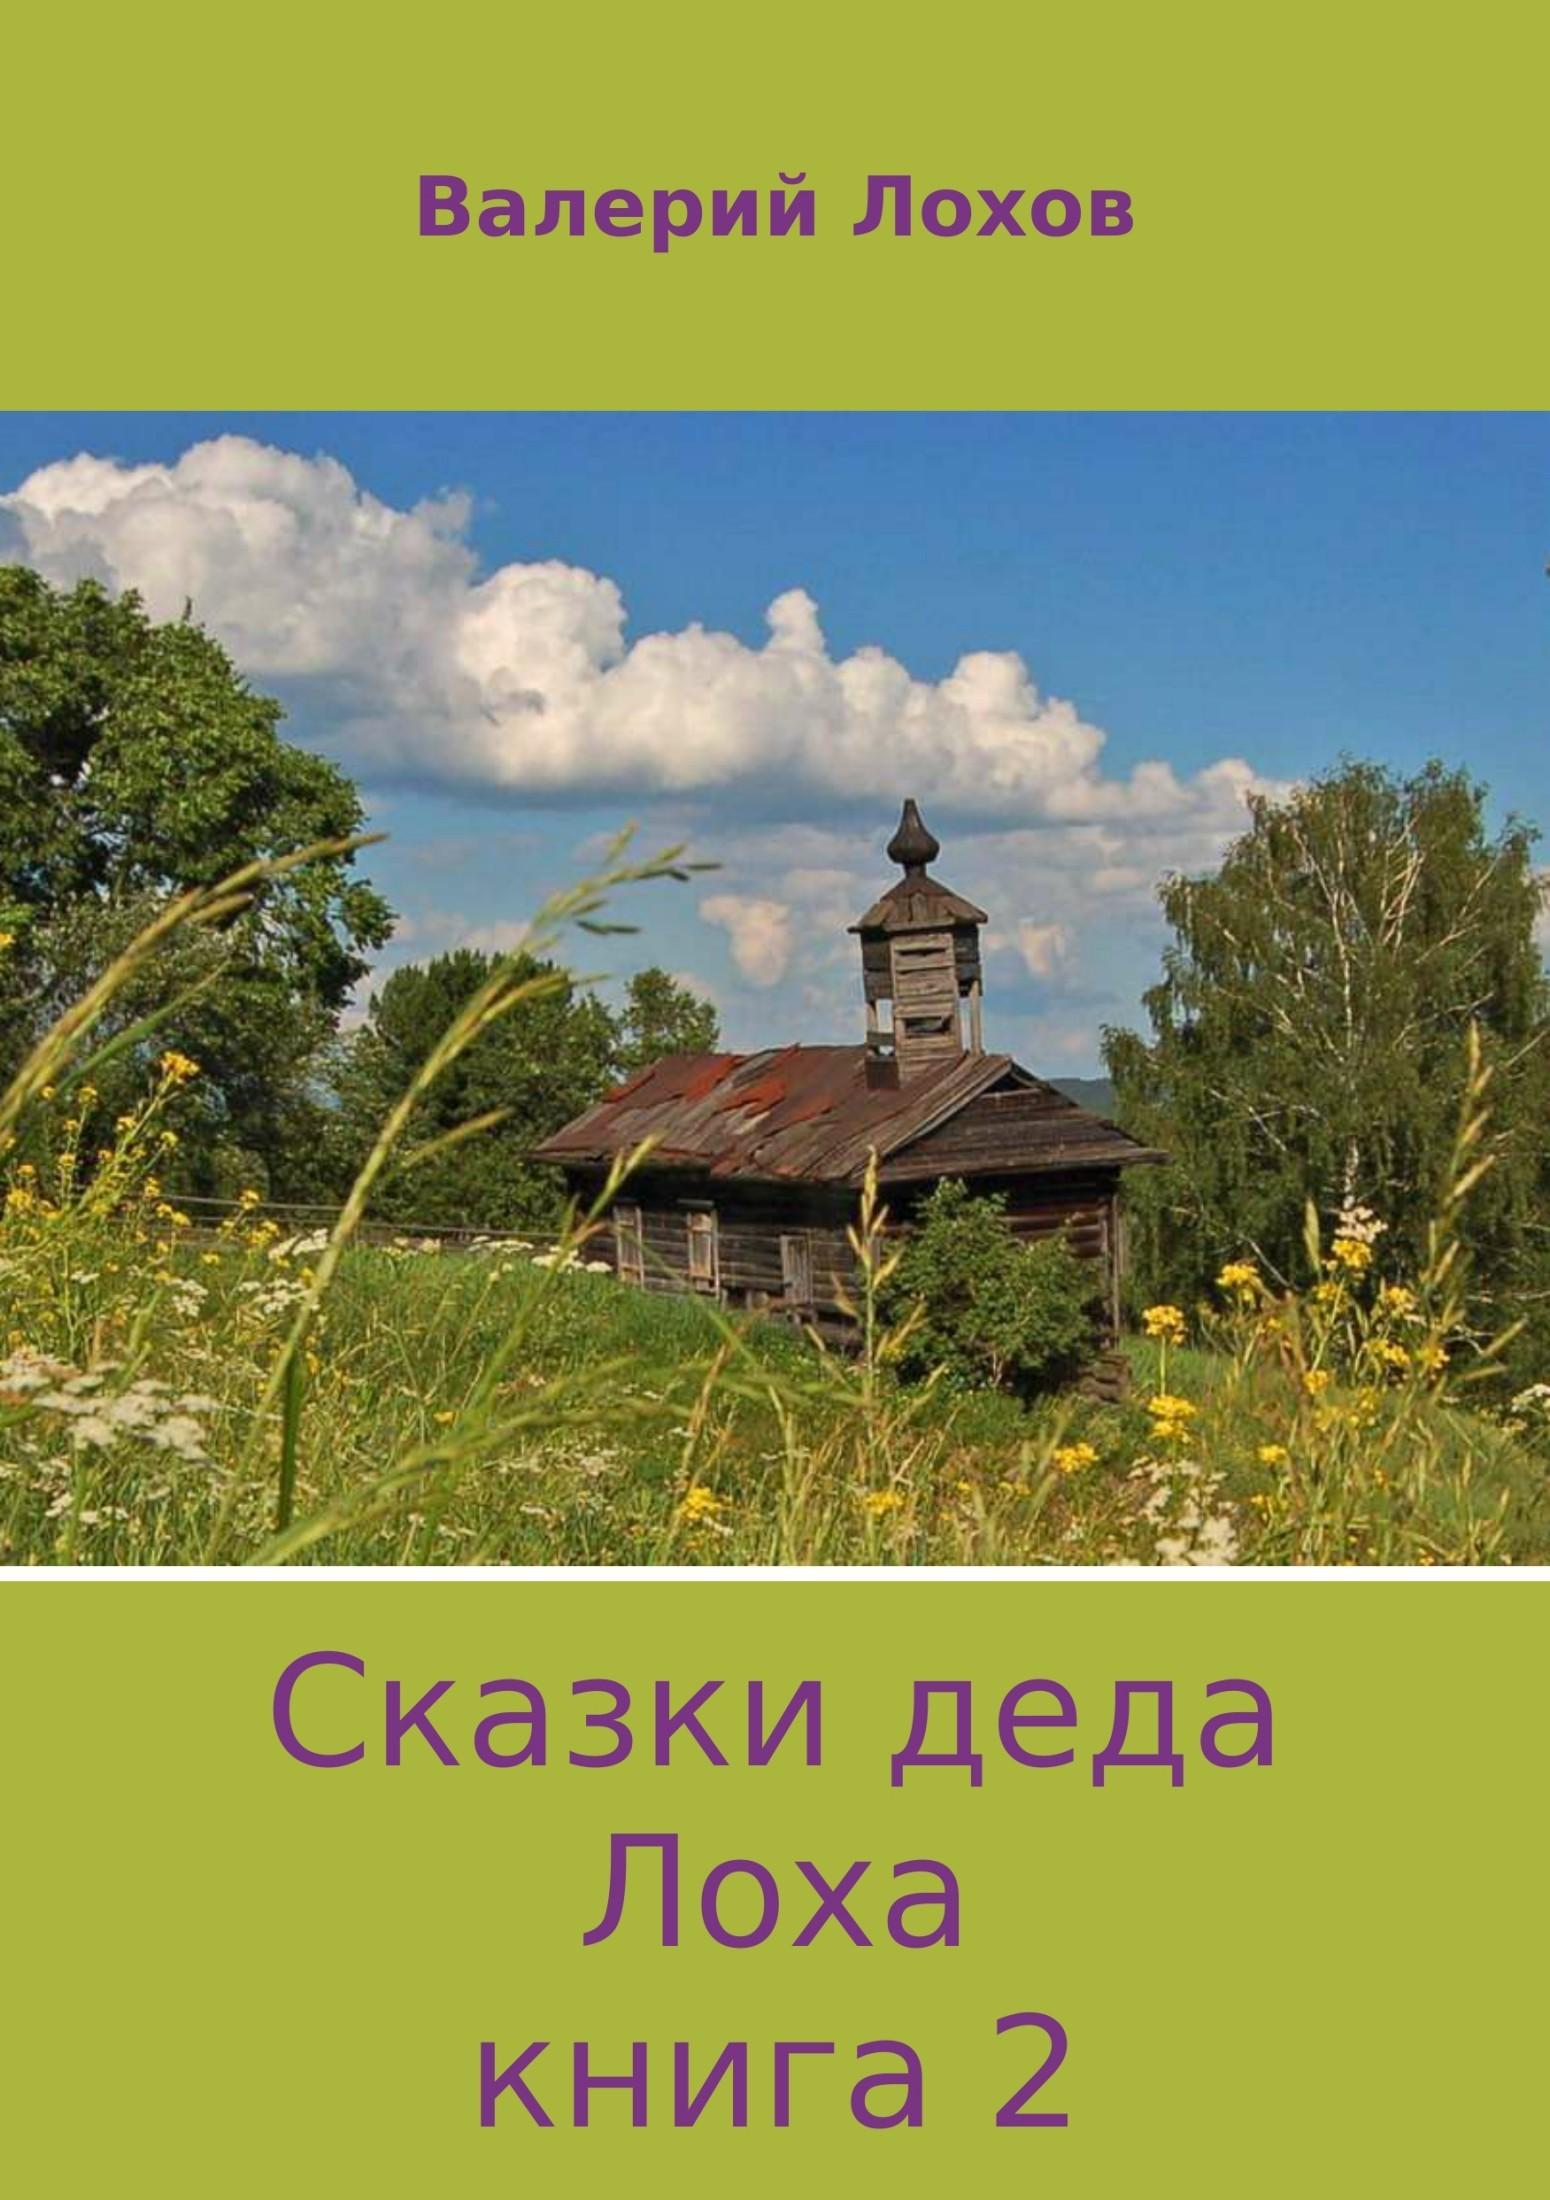 Валерий Владимирович Лохов Сказки деда Лоха. Книга 2 валерий лохов сказки из сибири сборник